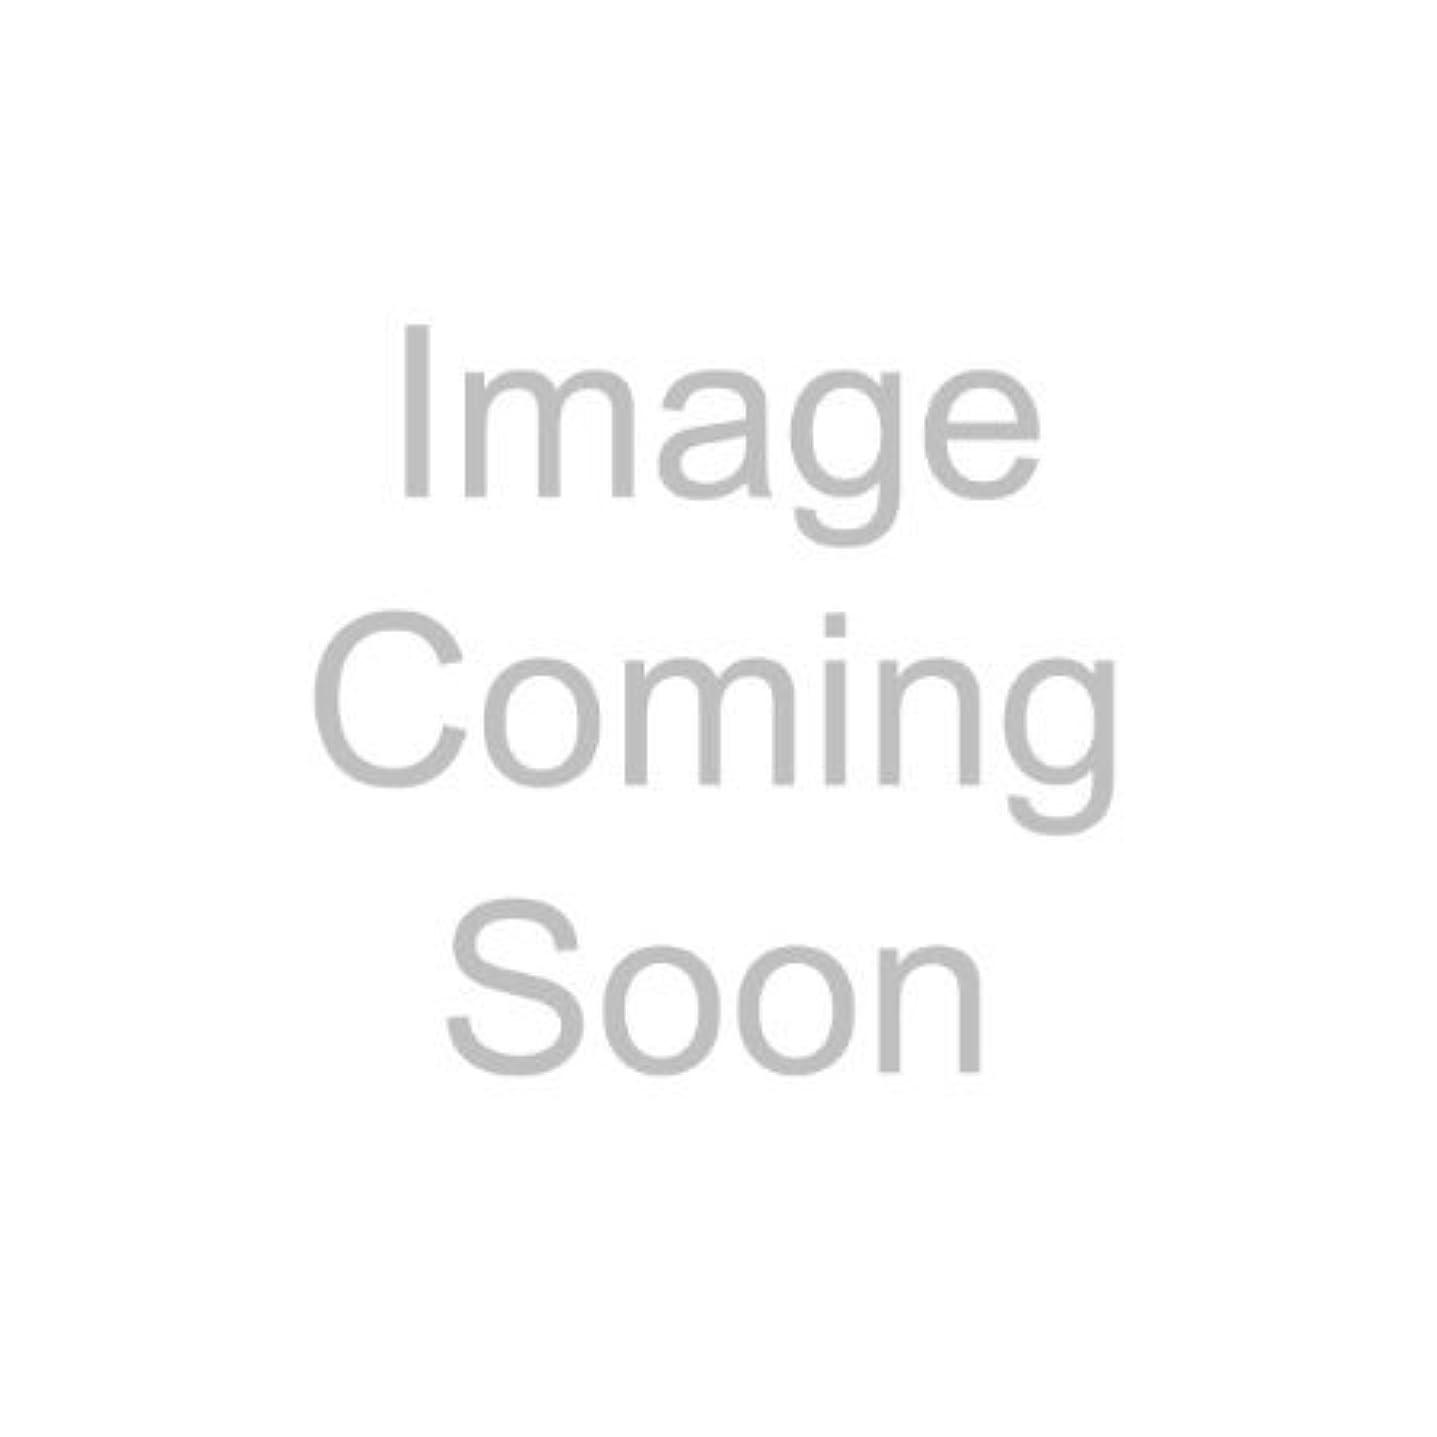 太鼓腹硬さなめるエリザベスアーデン ビジブル ホワイトニング メラニン コントロール ナイトカプセル トラベルセット 17.2mlx3(37カプセルx3) [並行輸入品]